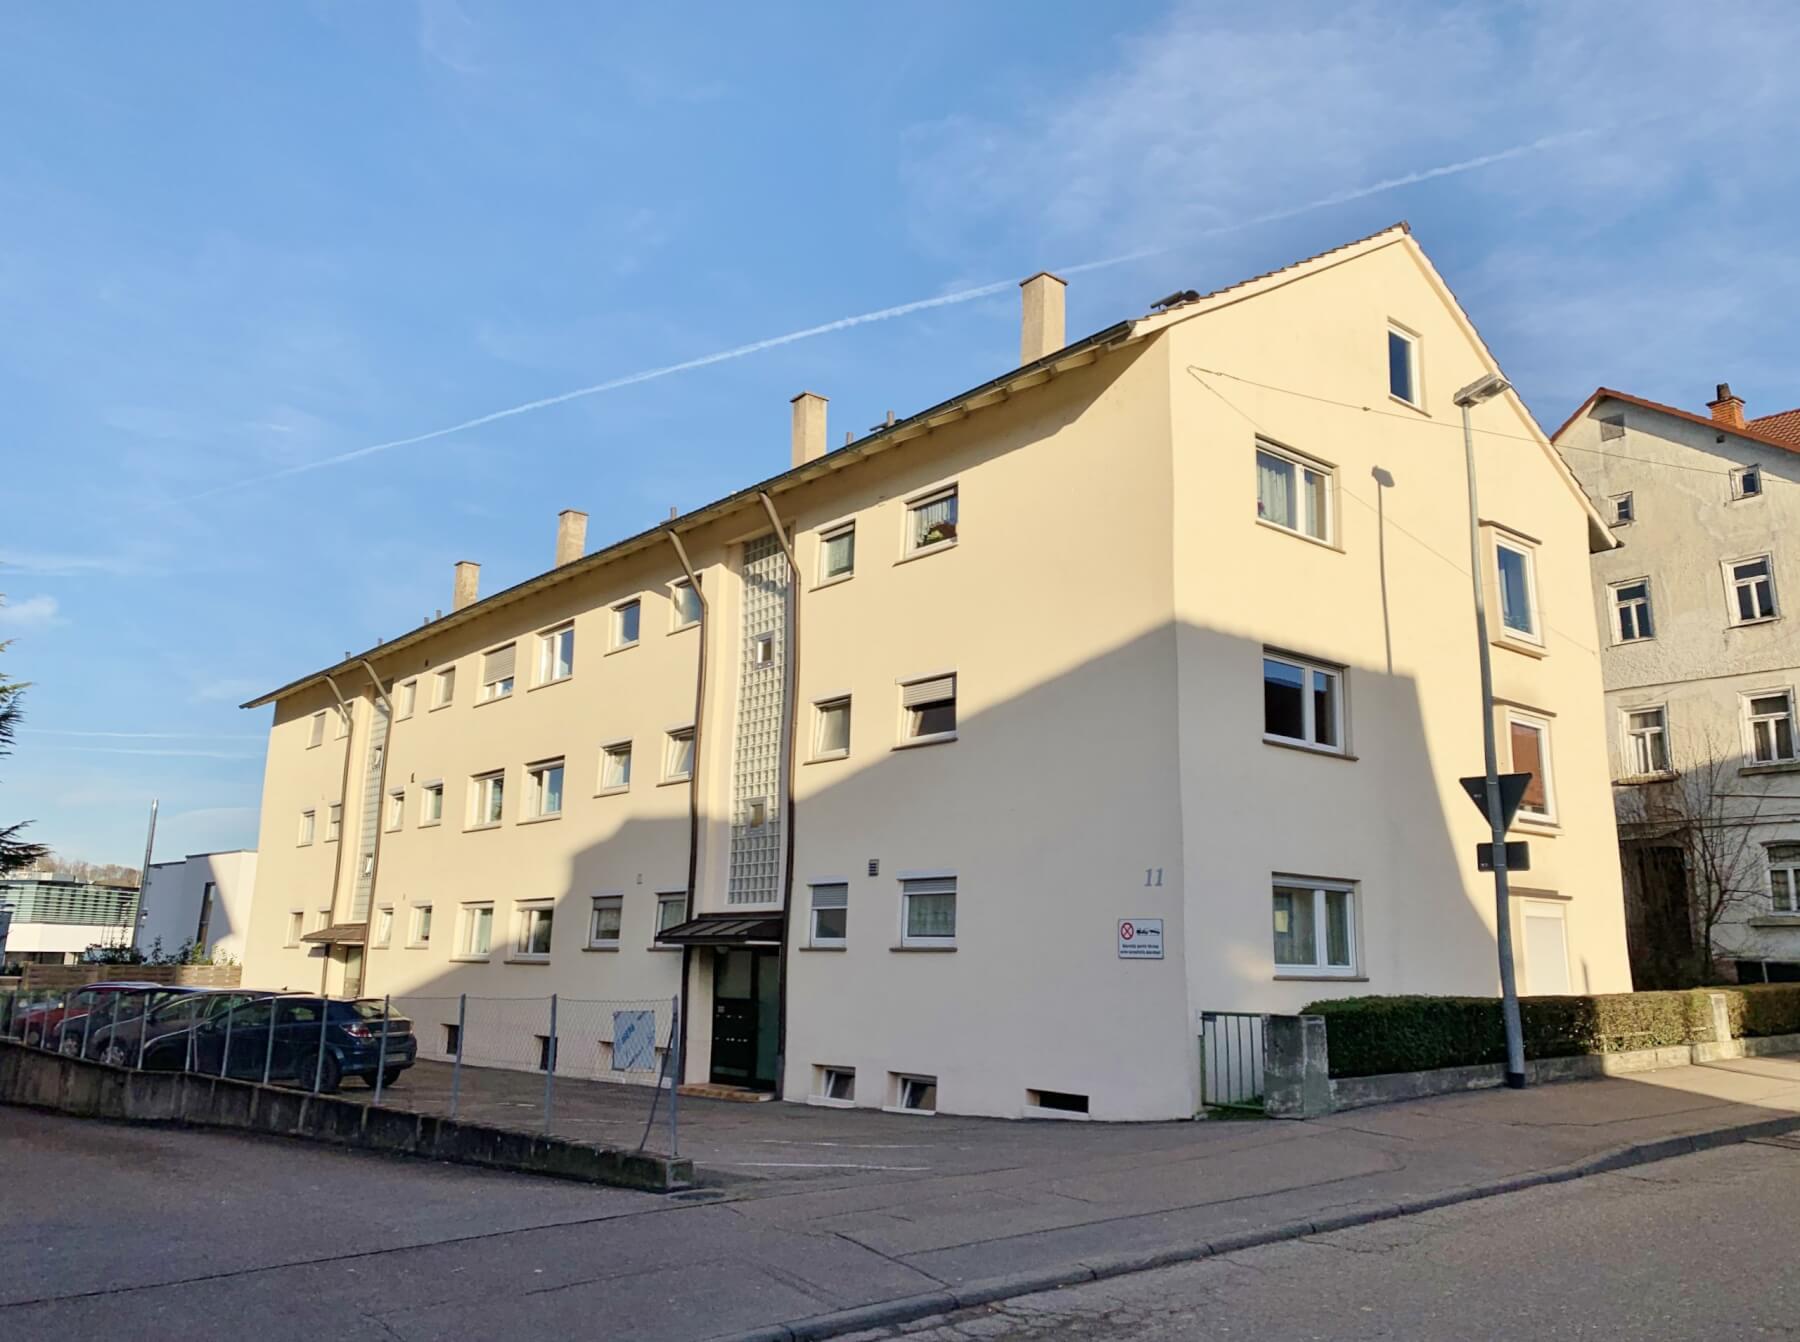 3 Zimmerwohnung in Marbach am Neckar